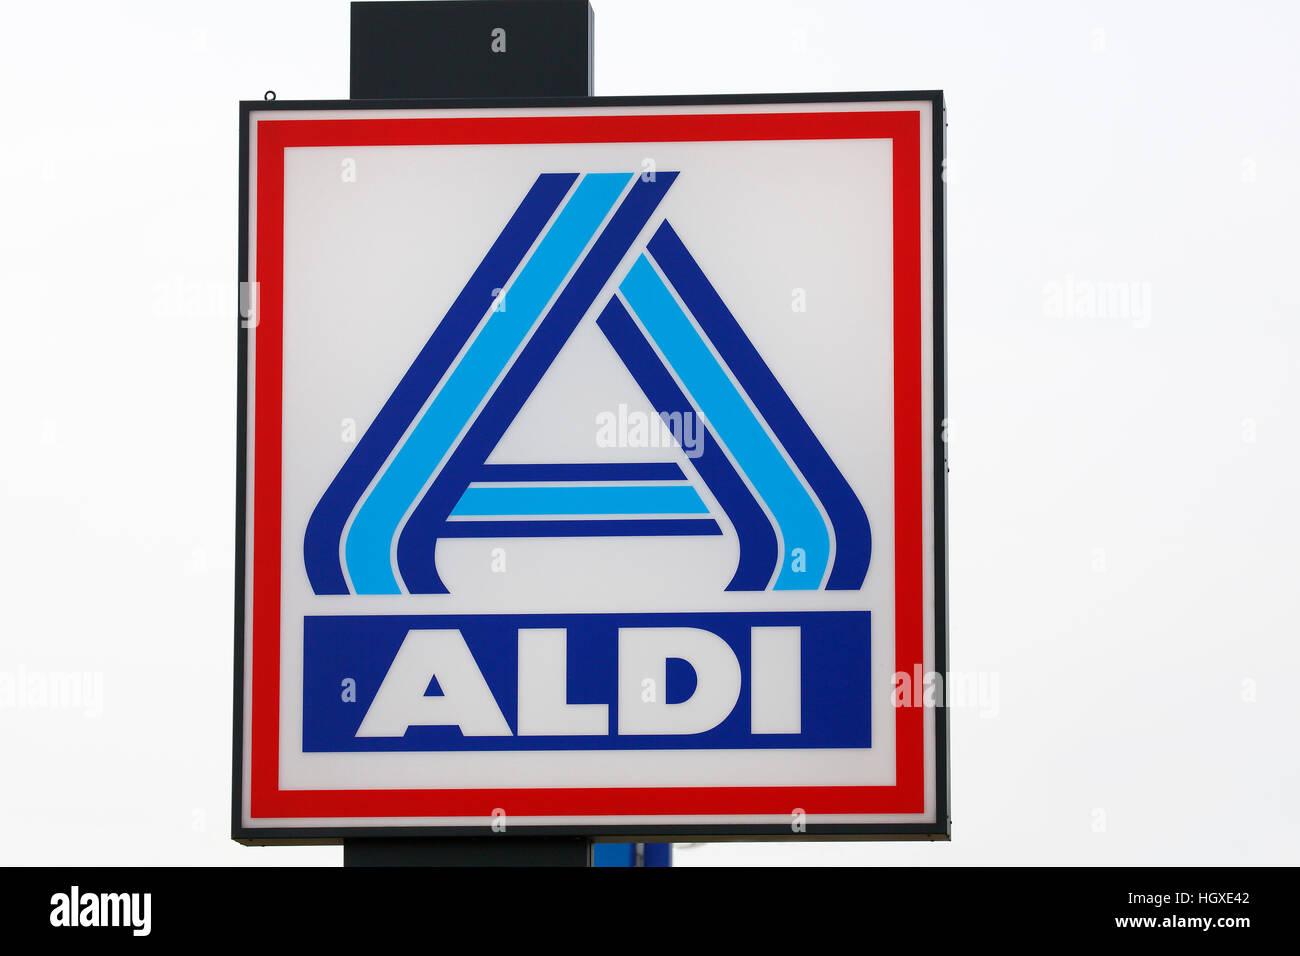 Firmenlogo der Supermaerkte und Warenhauskette ALDI, Pinneberg, Kreis Pinneberg, Schleswig-Holstein, Deutschland - Stock Image